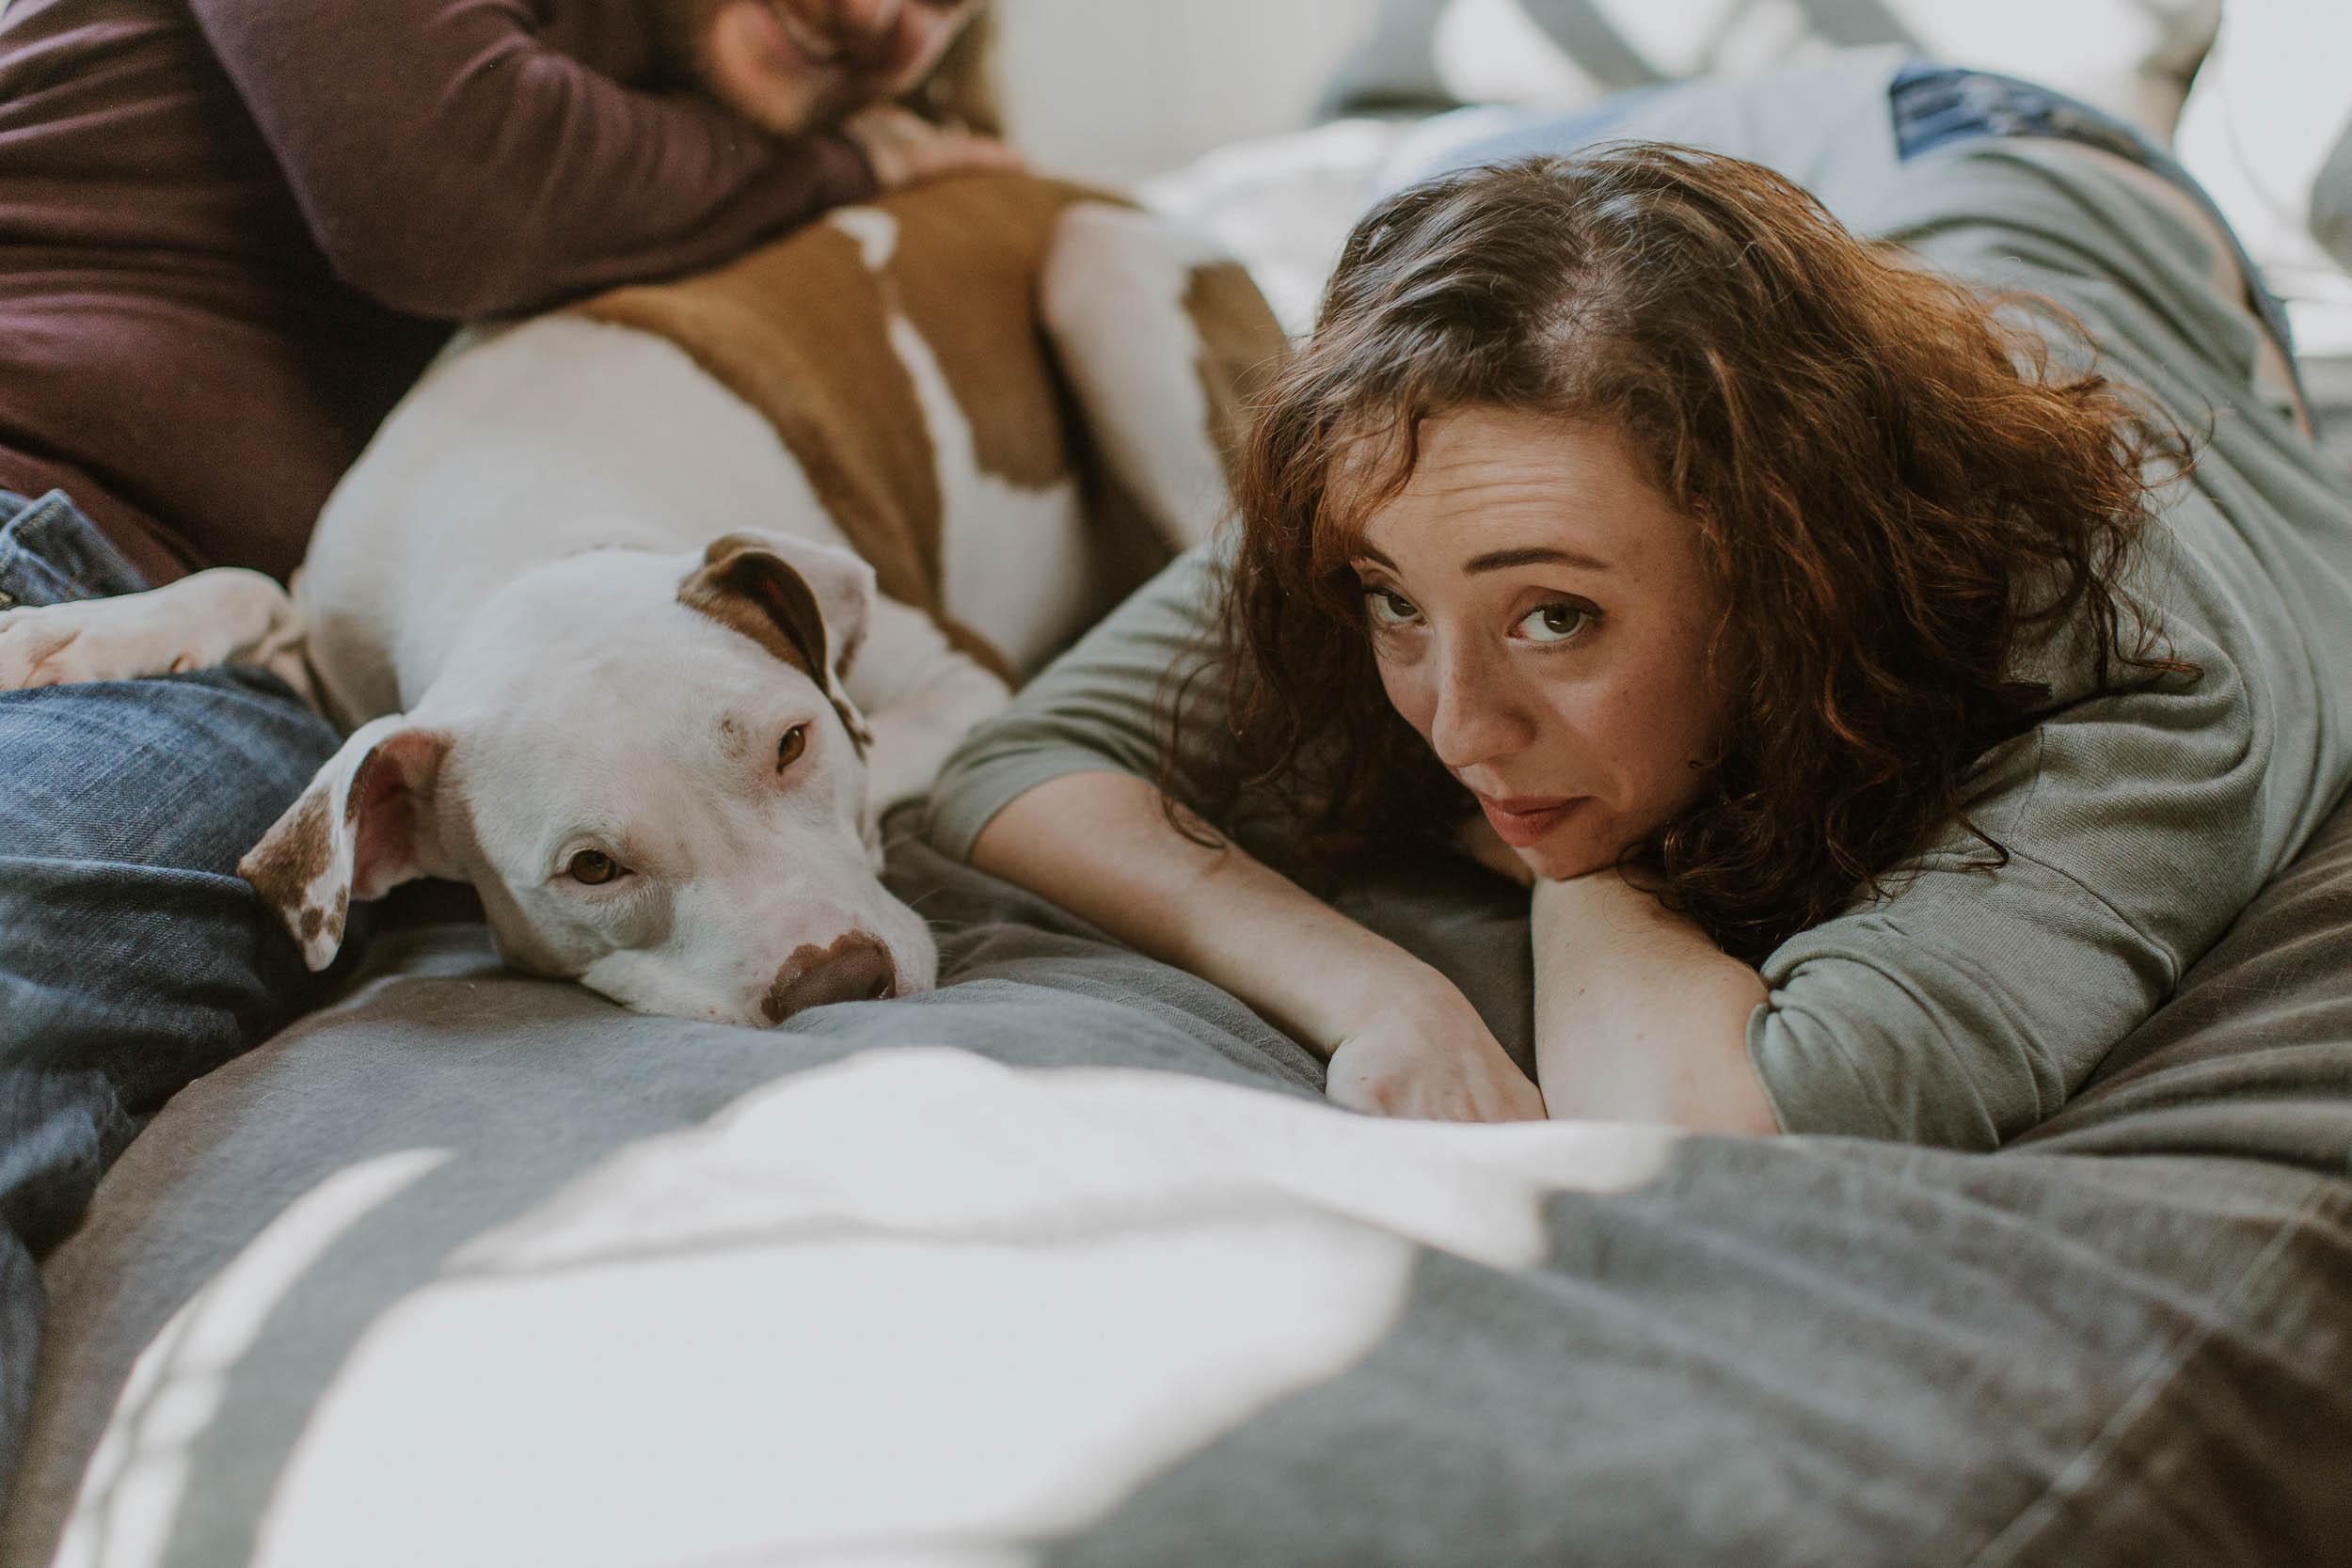 Kristen-Humbert-Family-Photoshoot-Philadelphia_Ruby-James-W-2.jpg